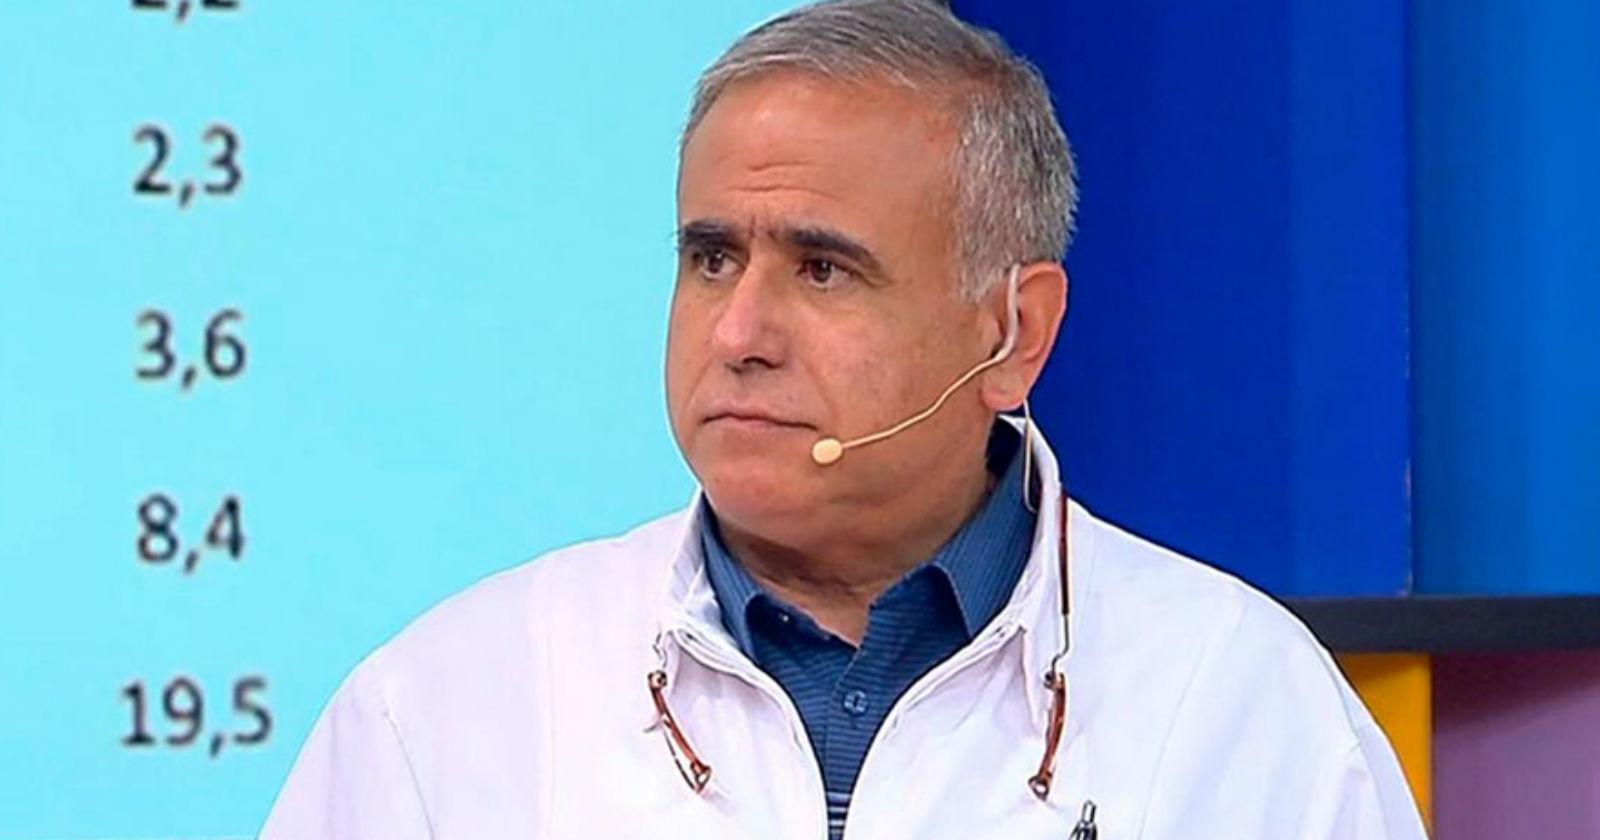 Sebastián Ugarte, el médico que se transformó en panelista de matinal: